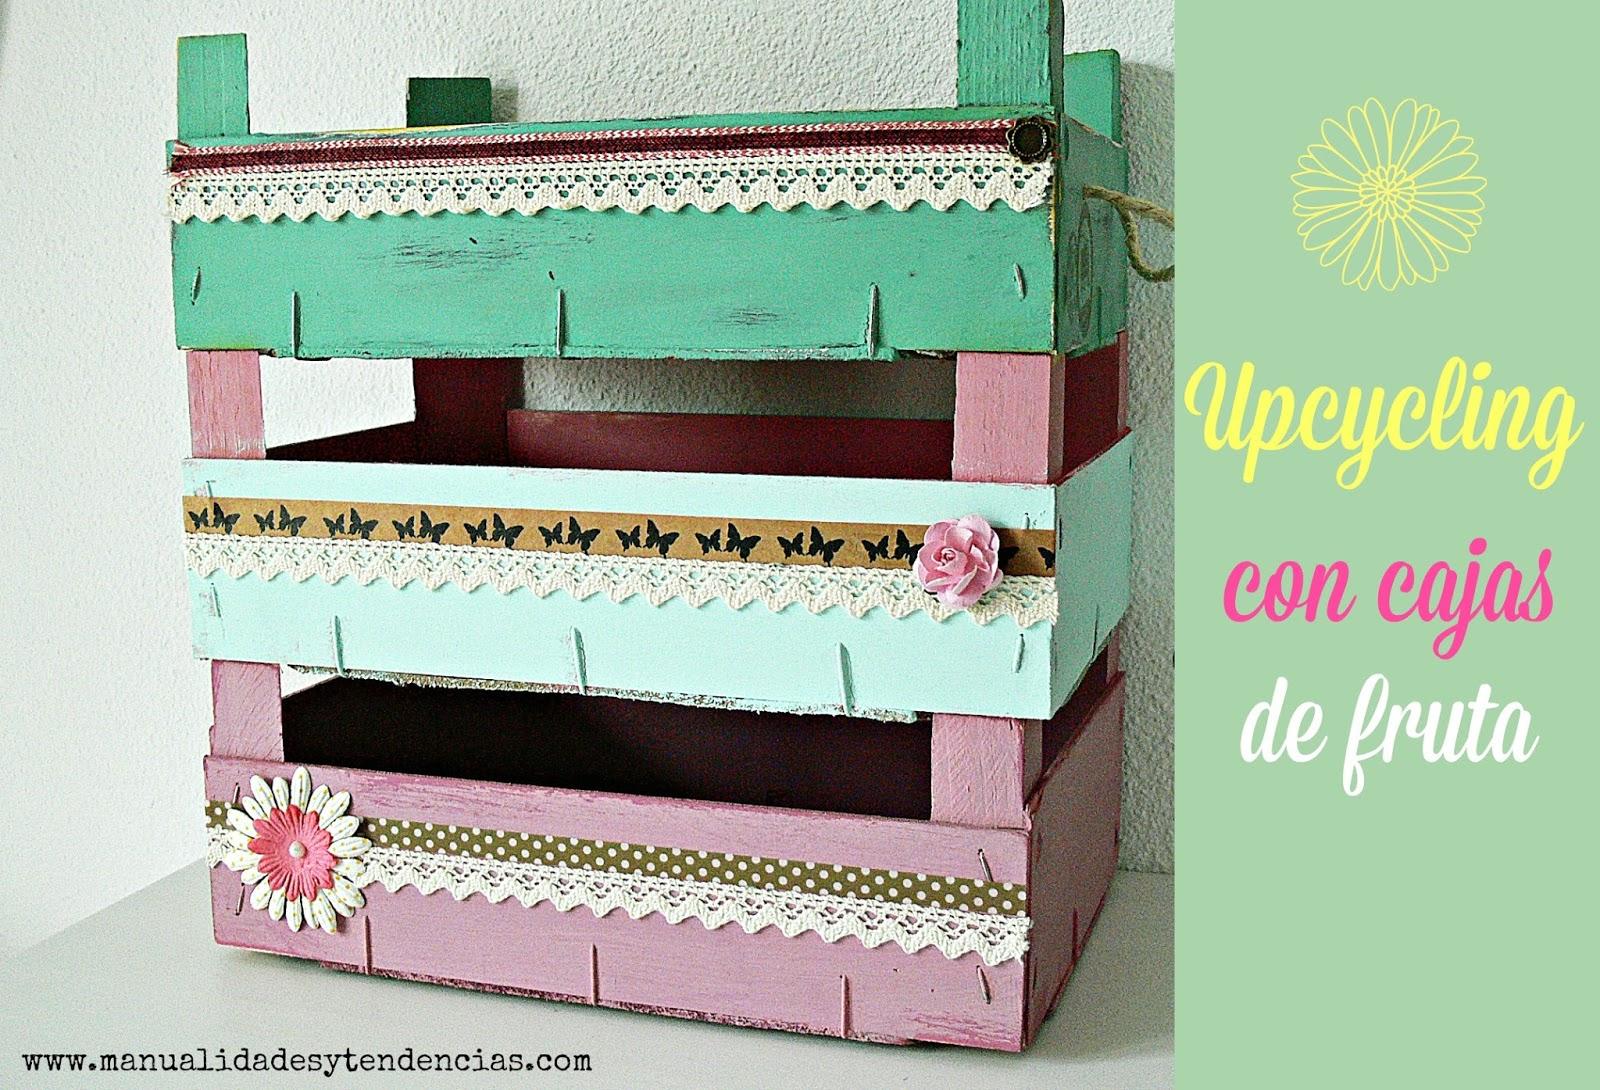 Manualidades y tendencias cajas de fruta shabby chic vintage fruit crates - Cajas de fruta ...